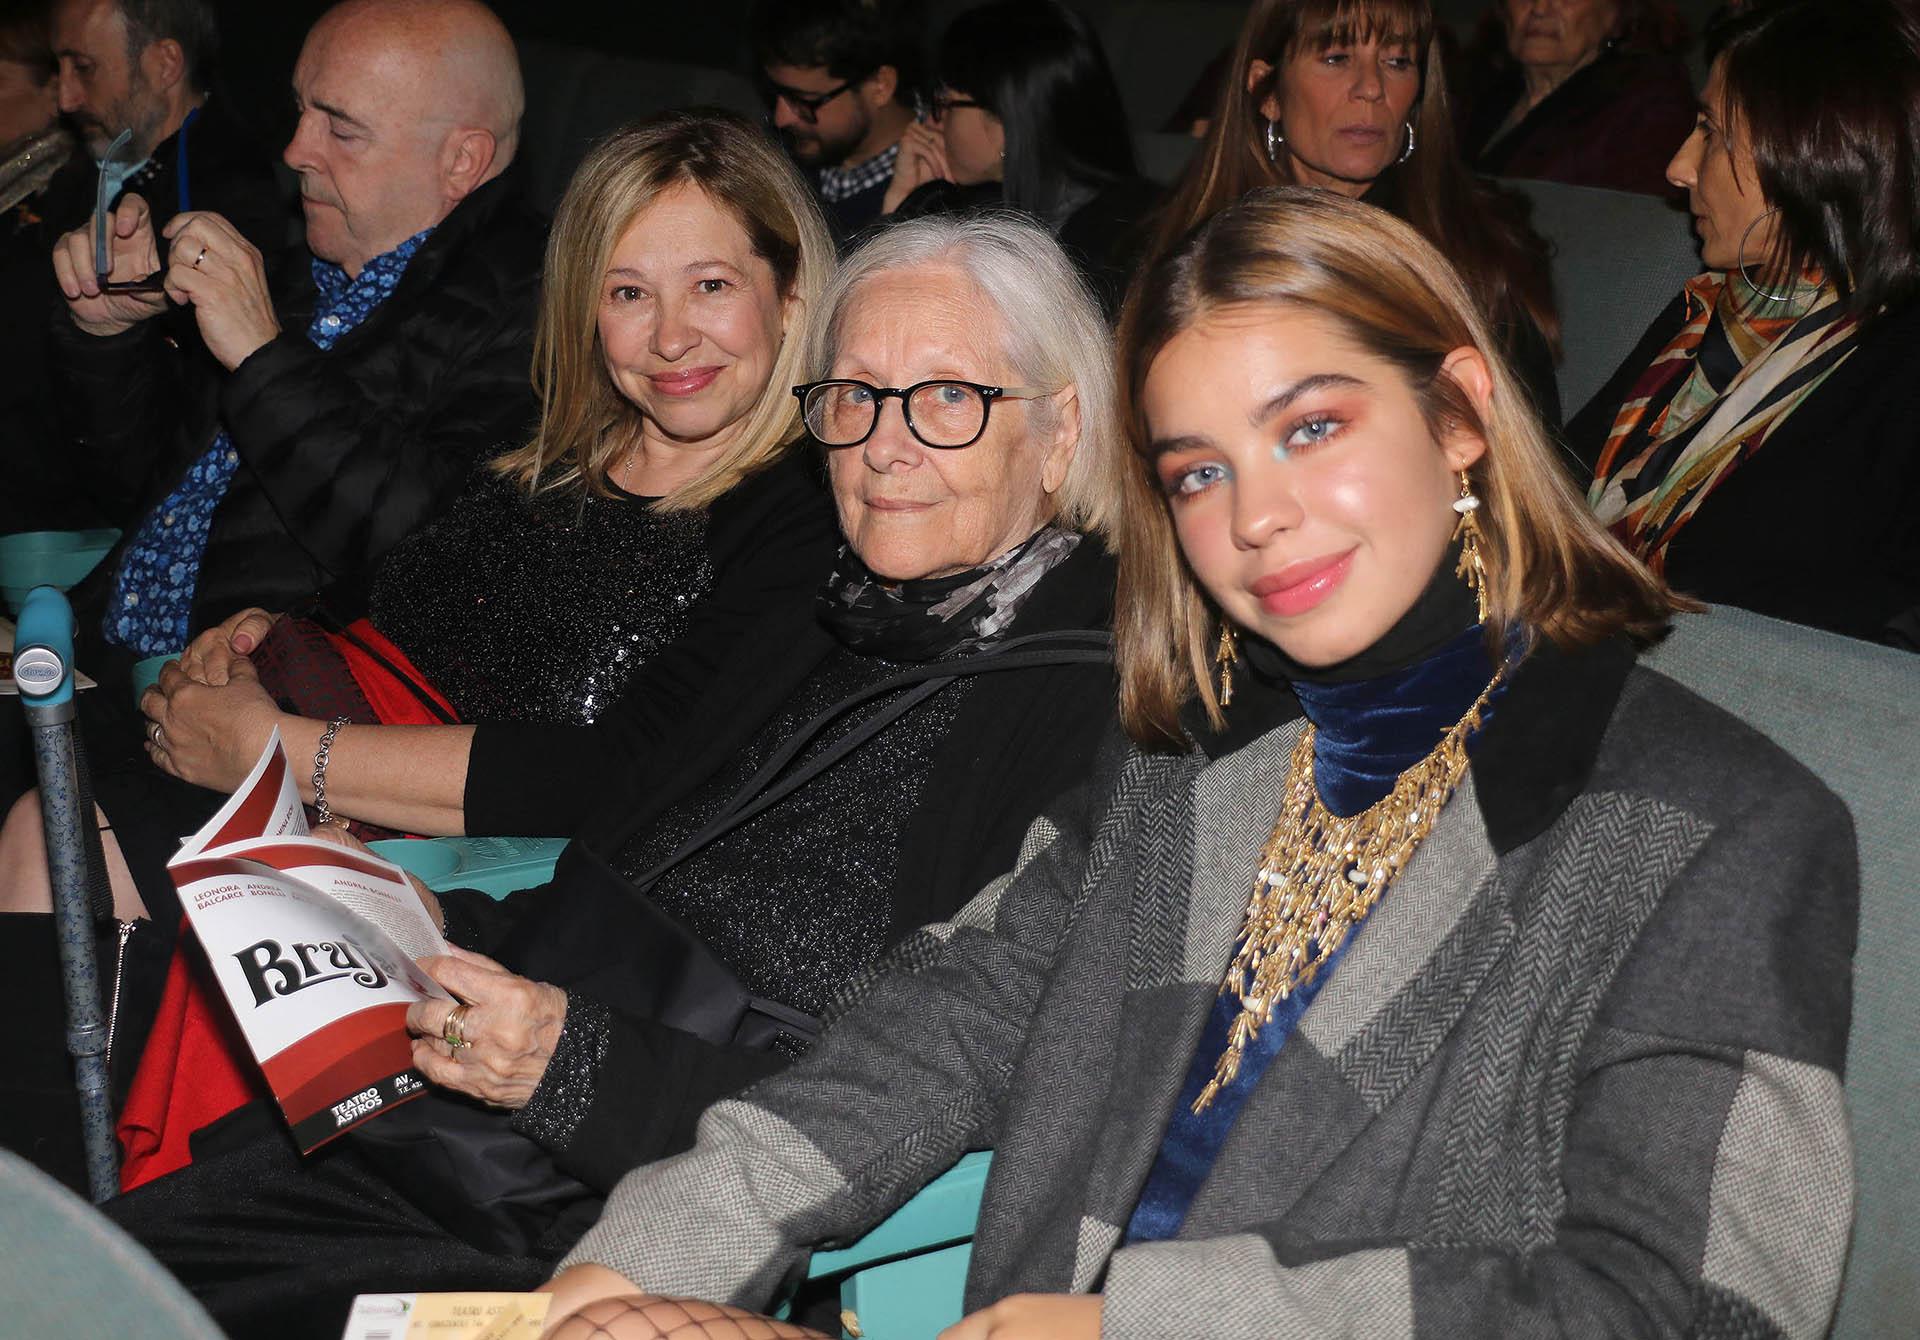 La familia de Andrea del Boca se sentó en la fila 4: estuvieron su madre Ana María, su hermana Anabella y su cuñado Enrique Torres